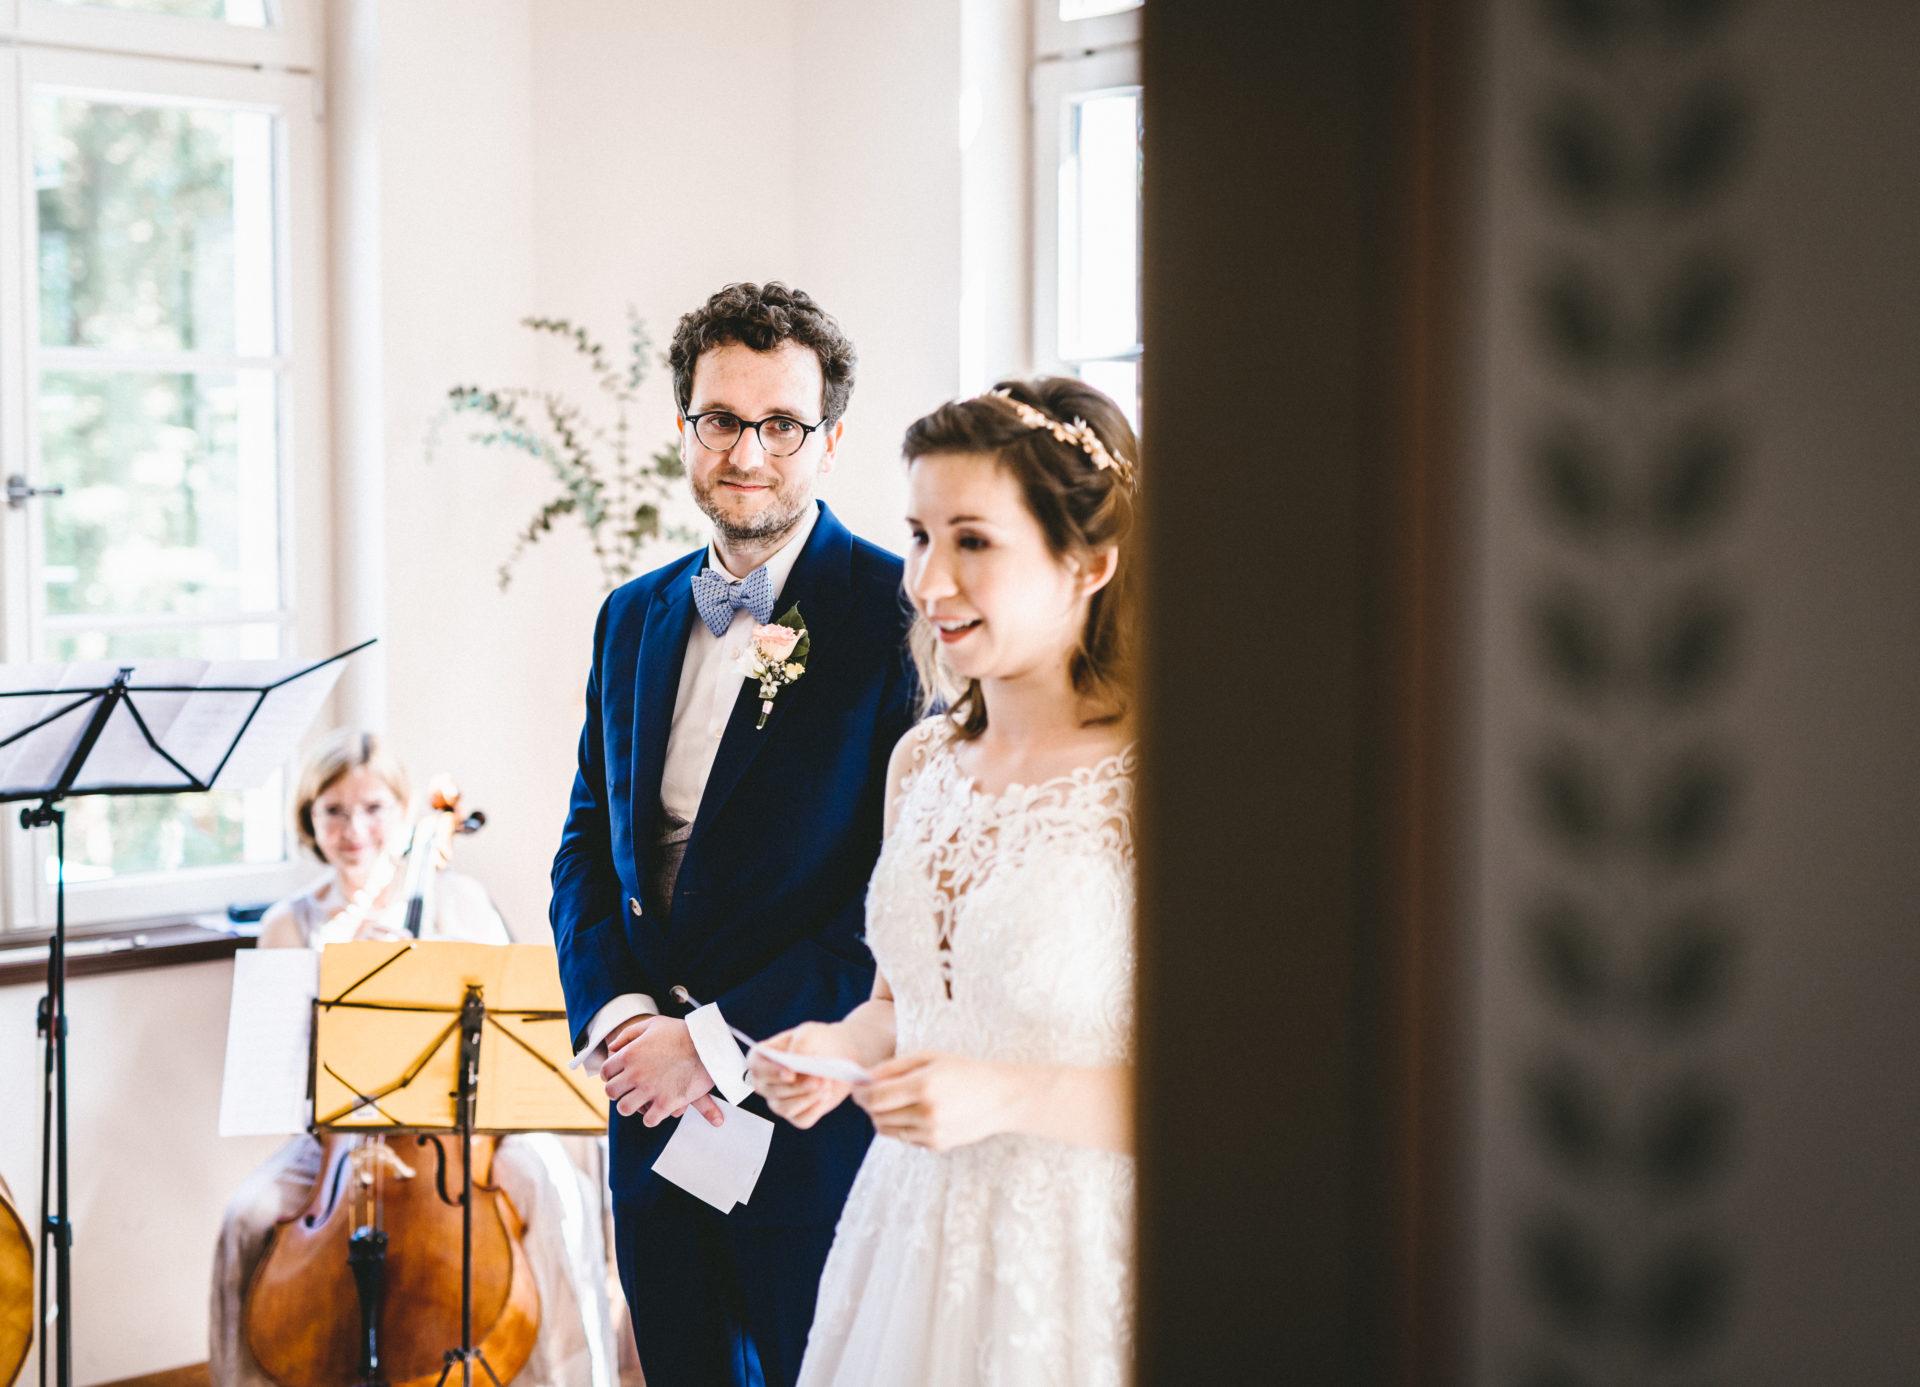 Hochzeitsreportage | Freie Trauung im Herrenhaus Möckern in Leipzig | 23